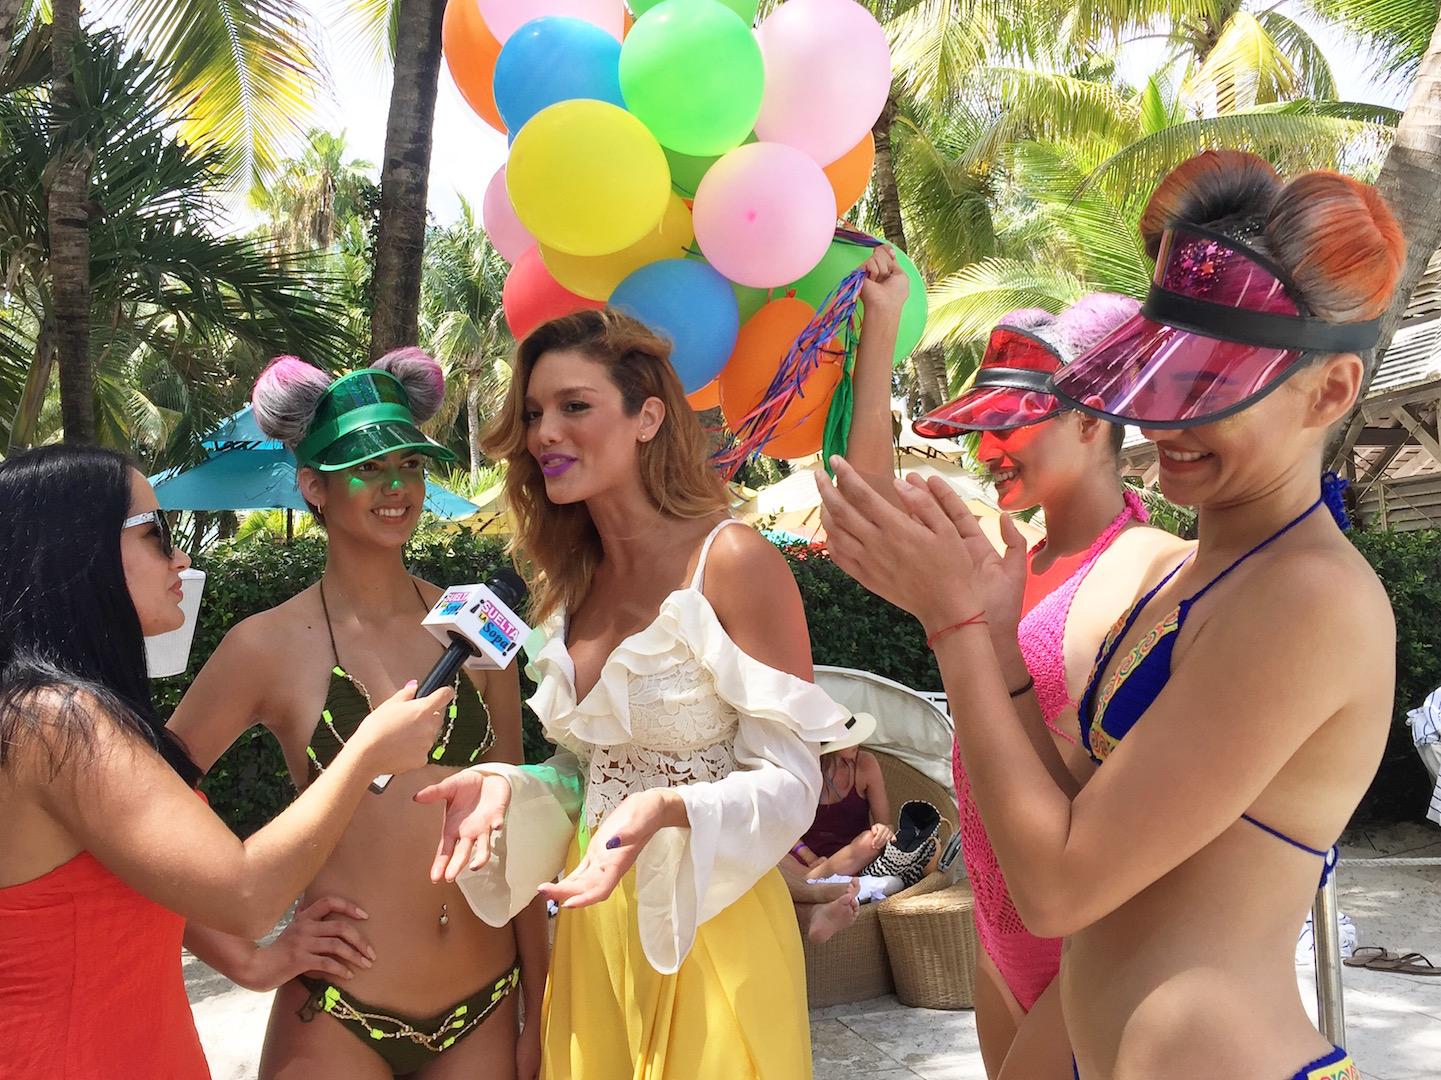 Miami-Swim-Week-2016-Escape-Miami-Style-Lounge-Peroni-Style-Celeste-Guerra